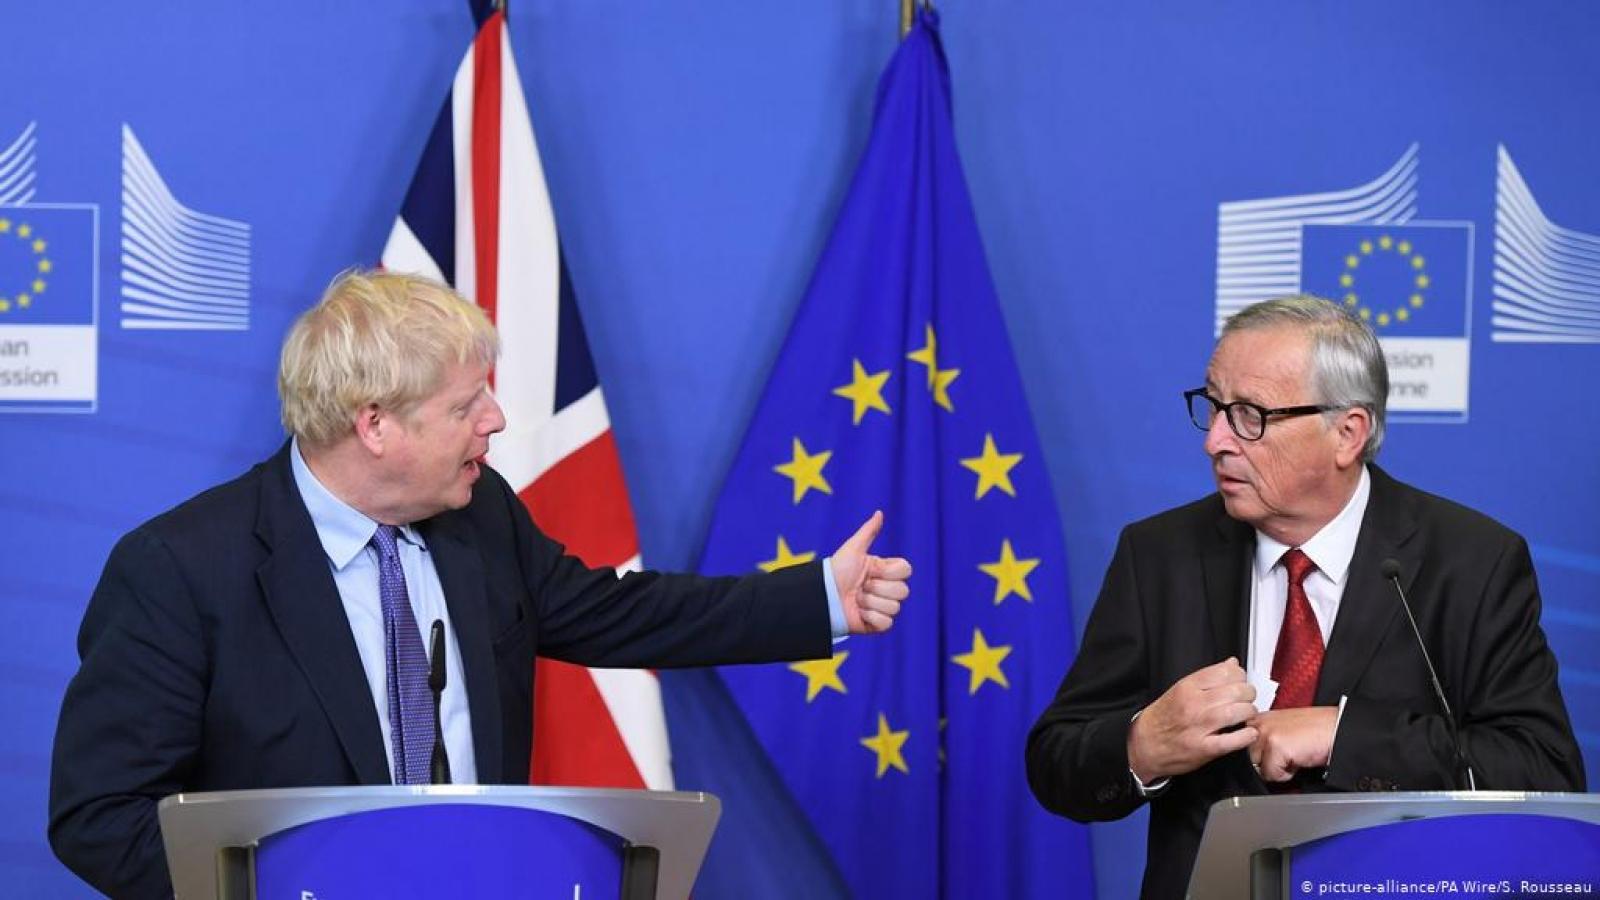 Thỏa thuận lịch sử định hình quan hệ tương lai EU-Anh